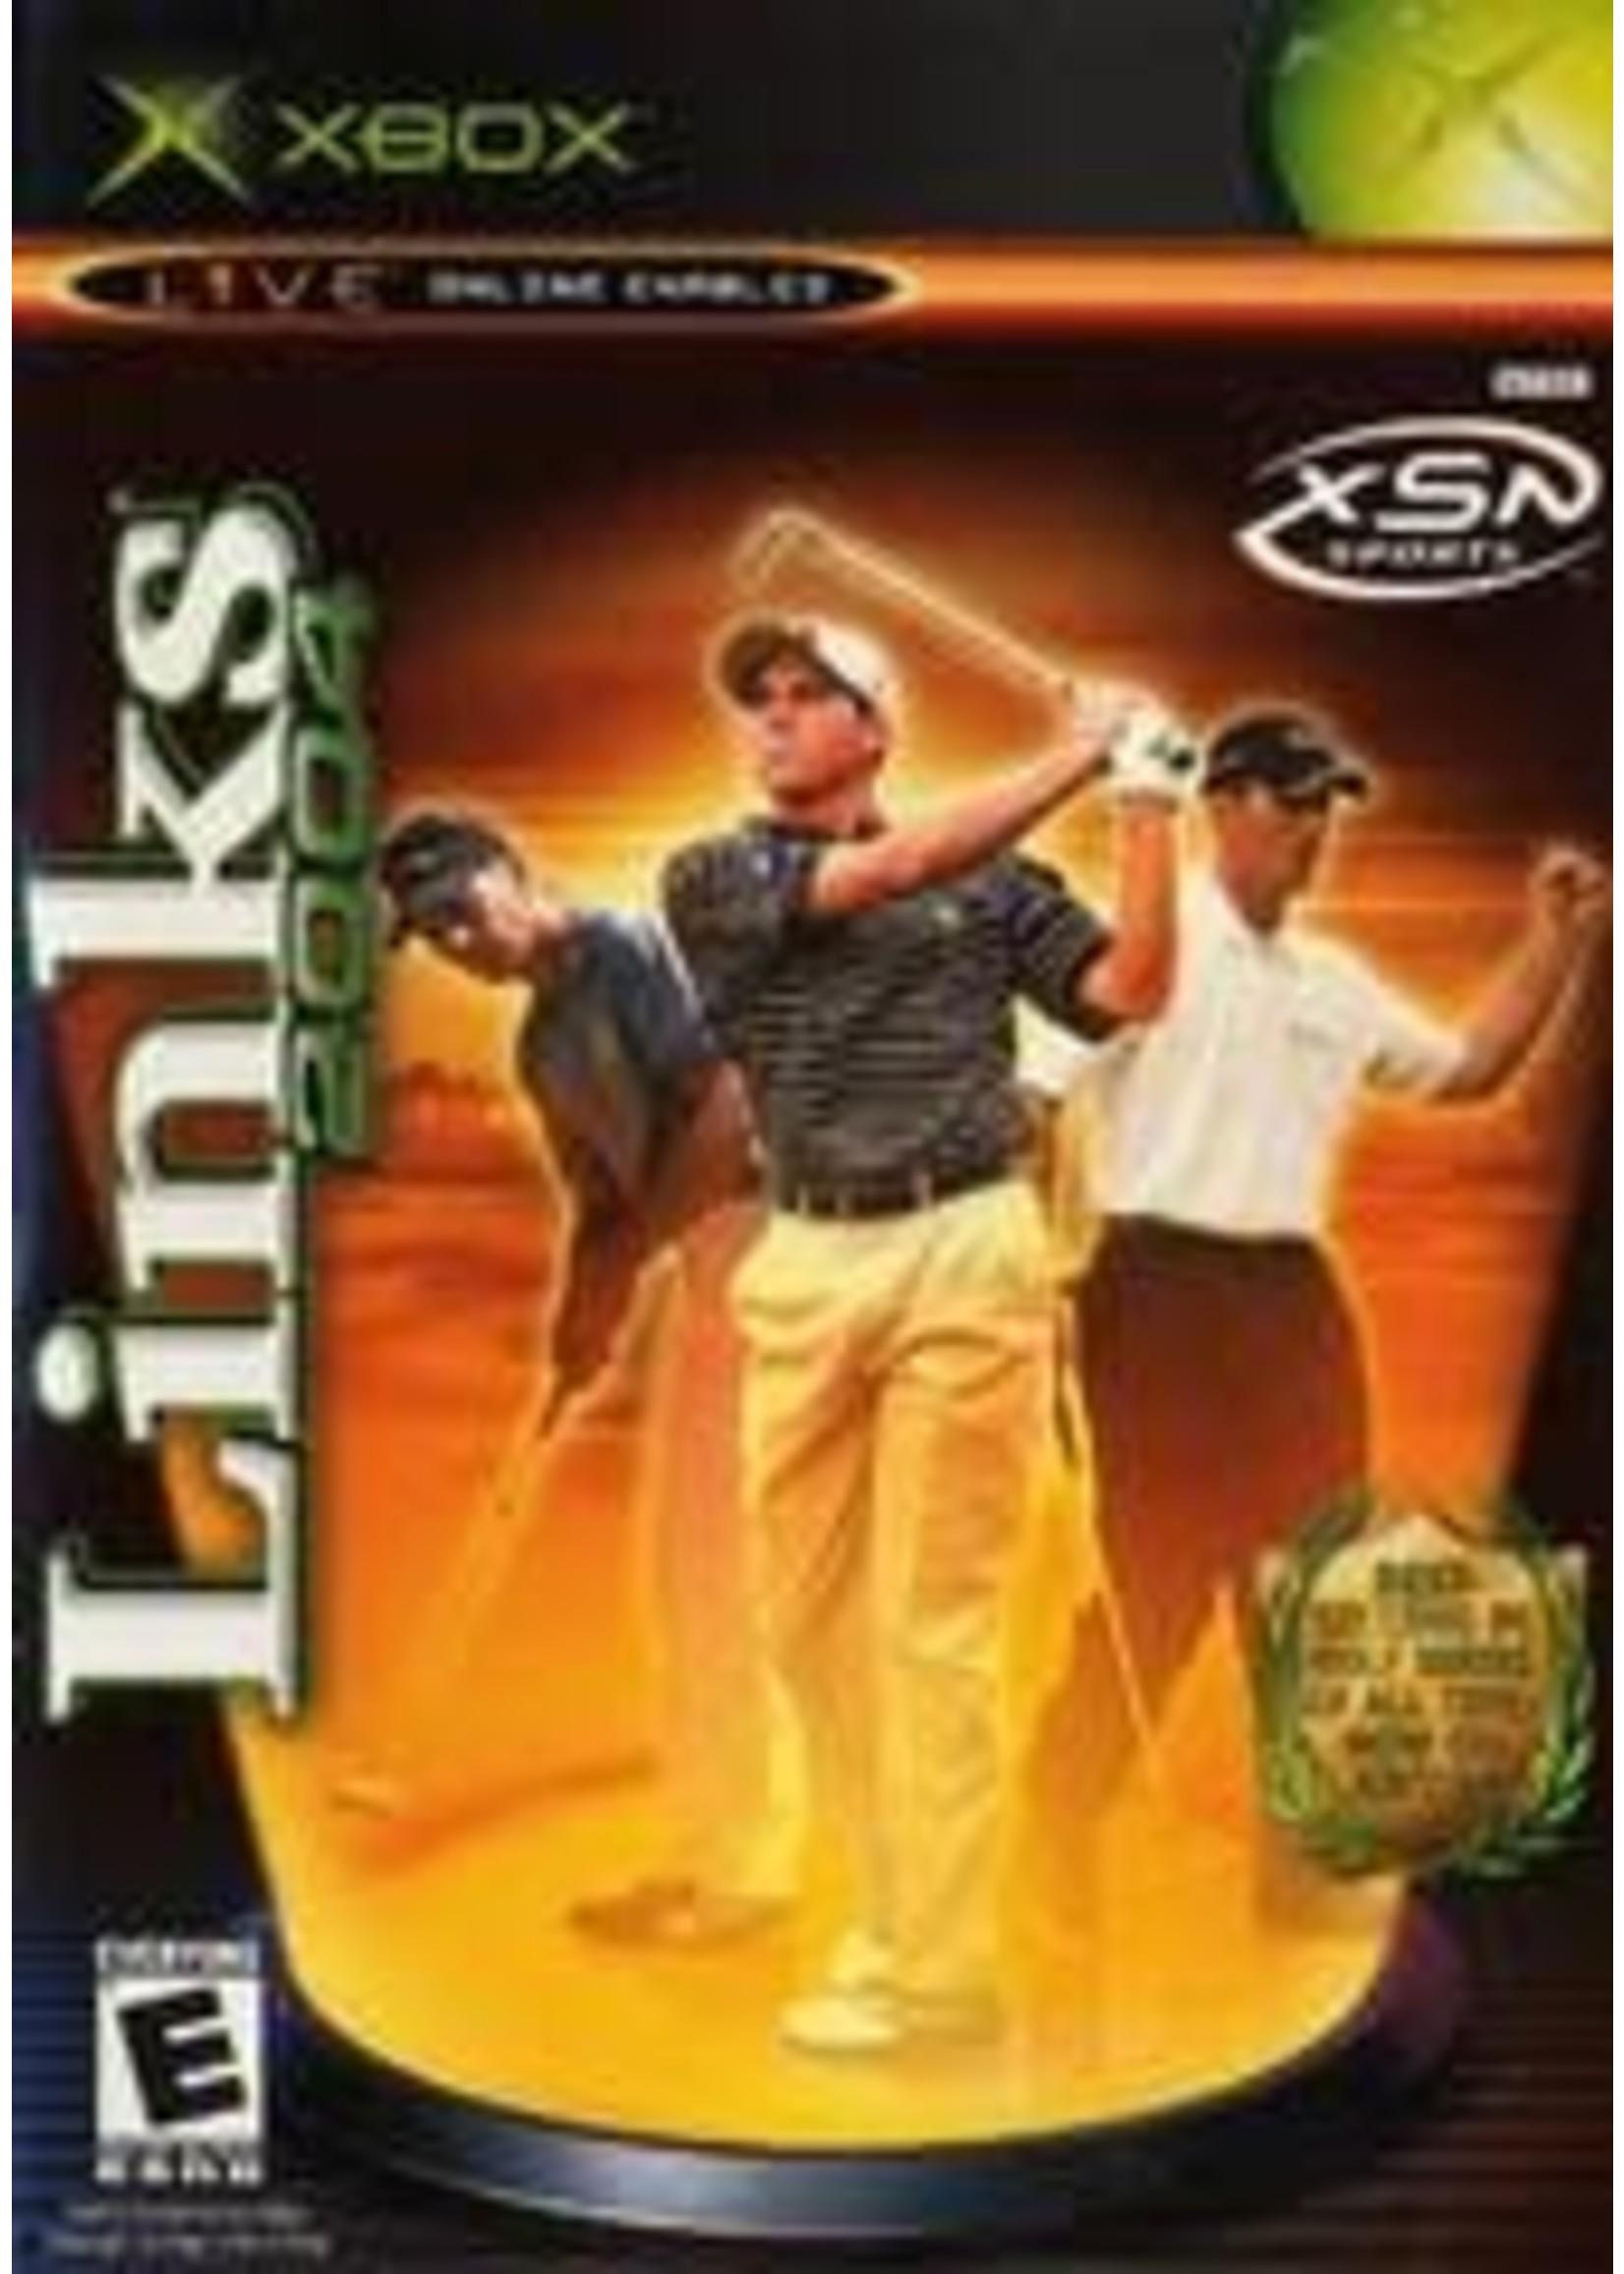 Links 2004 Xbox